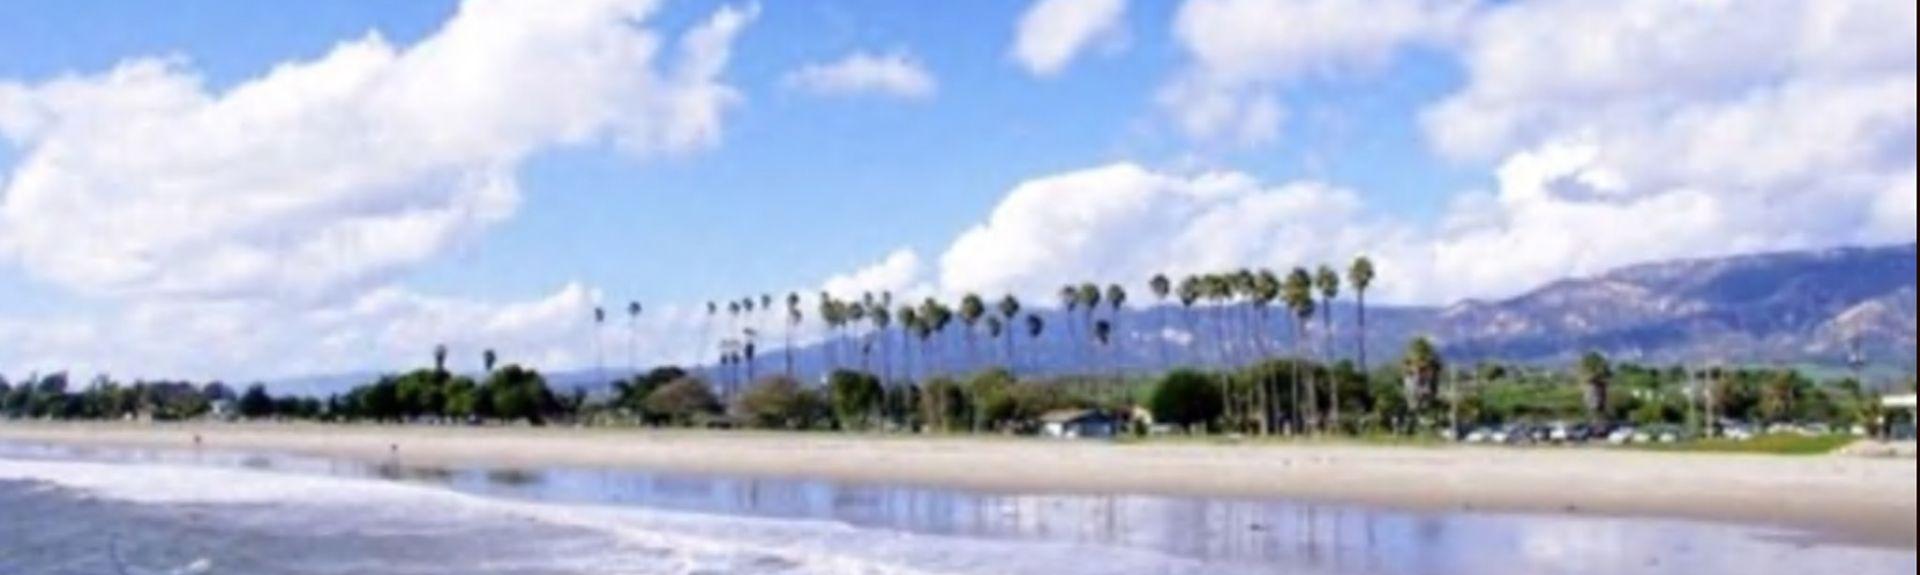 Isla Vista, Californie, États-Unis d'Amérique